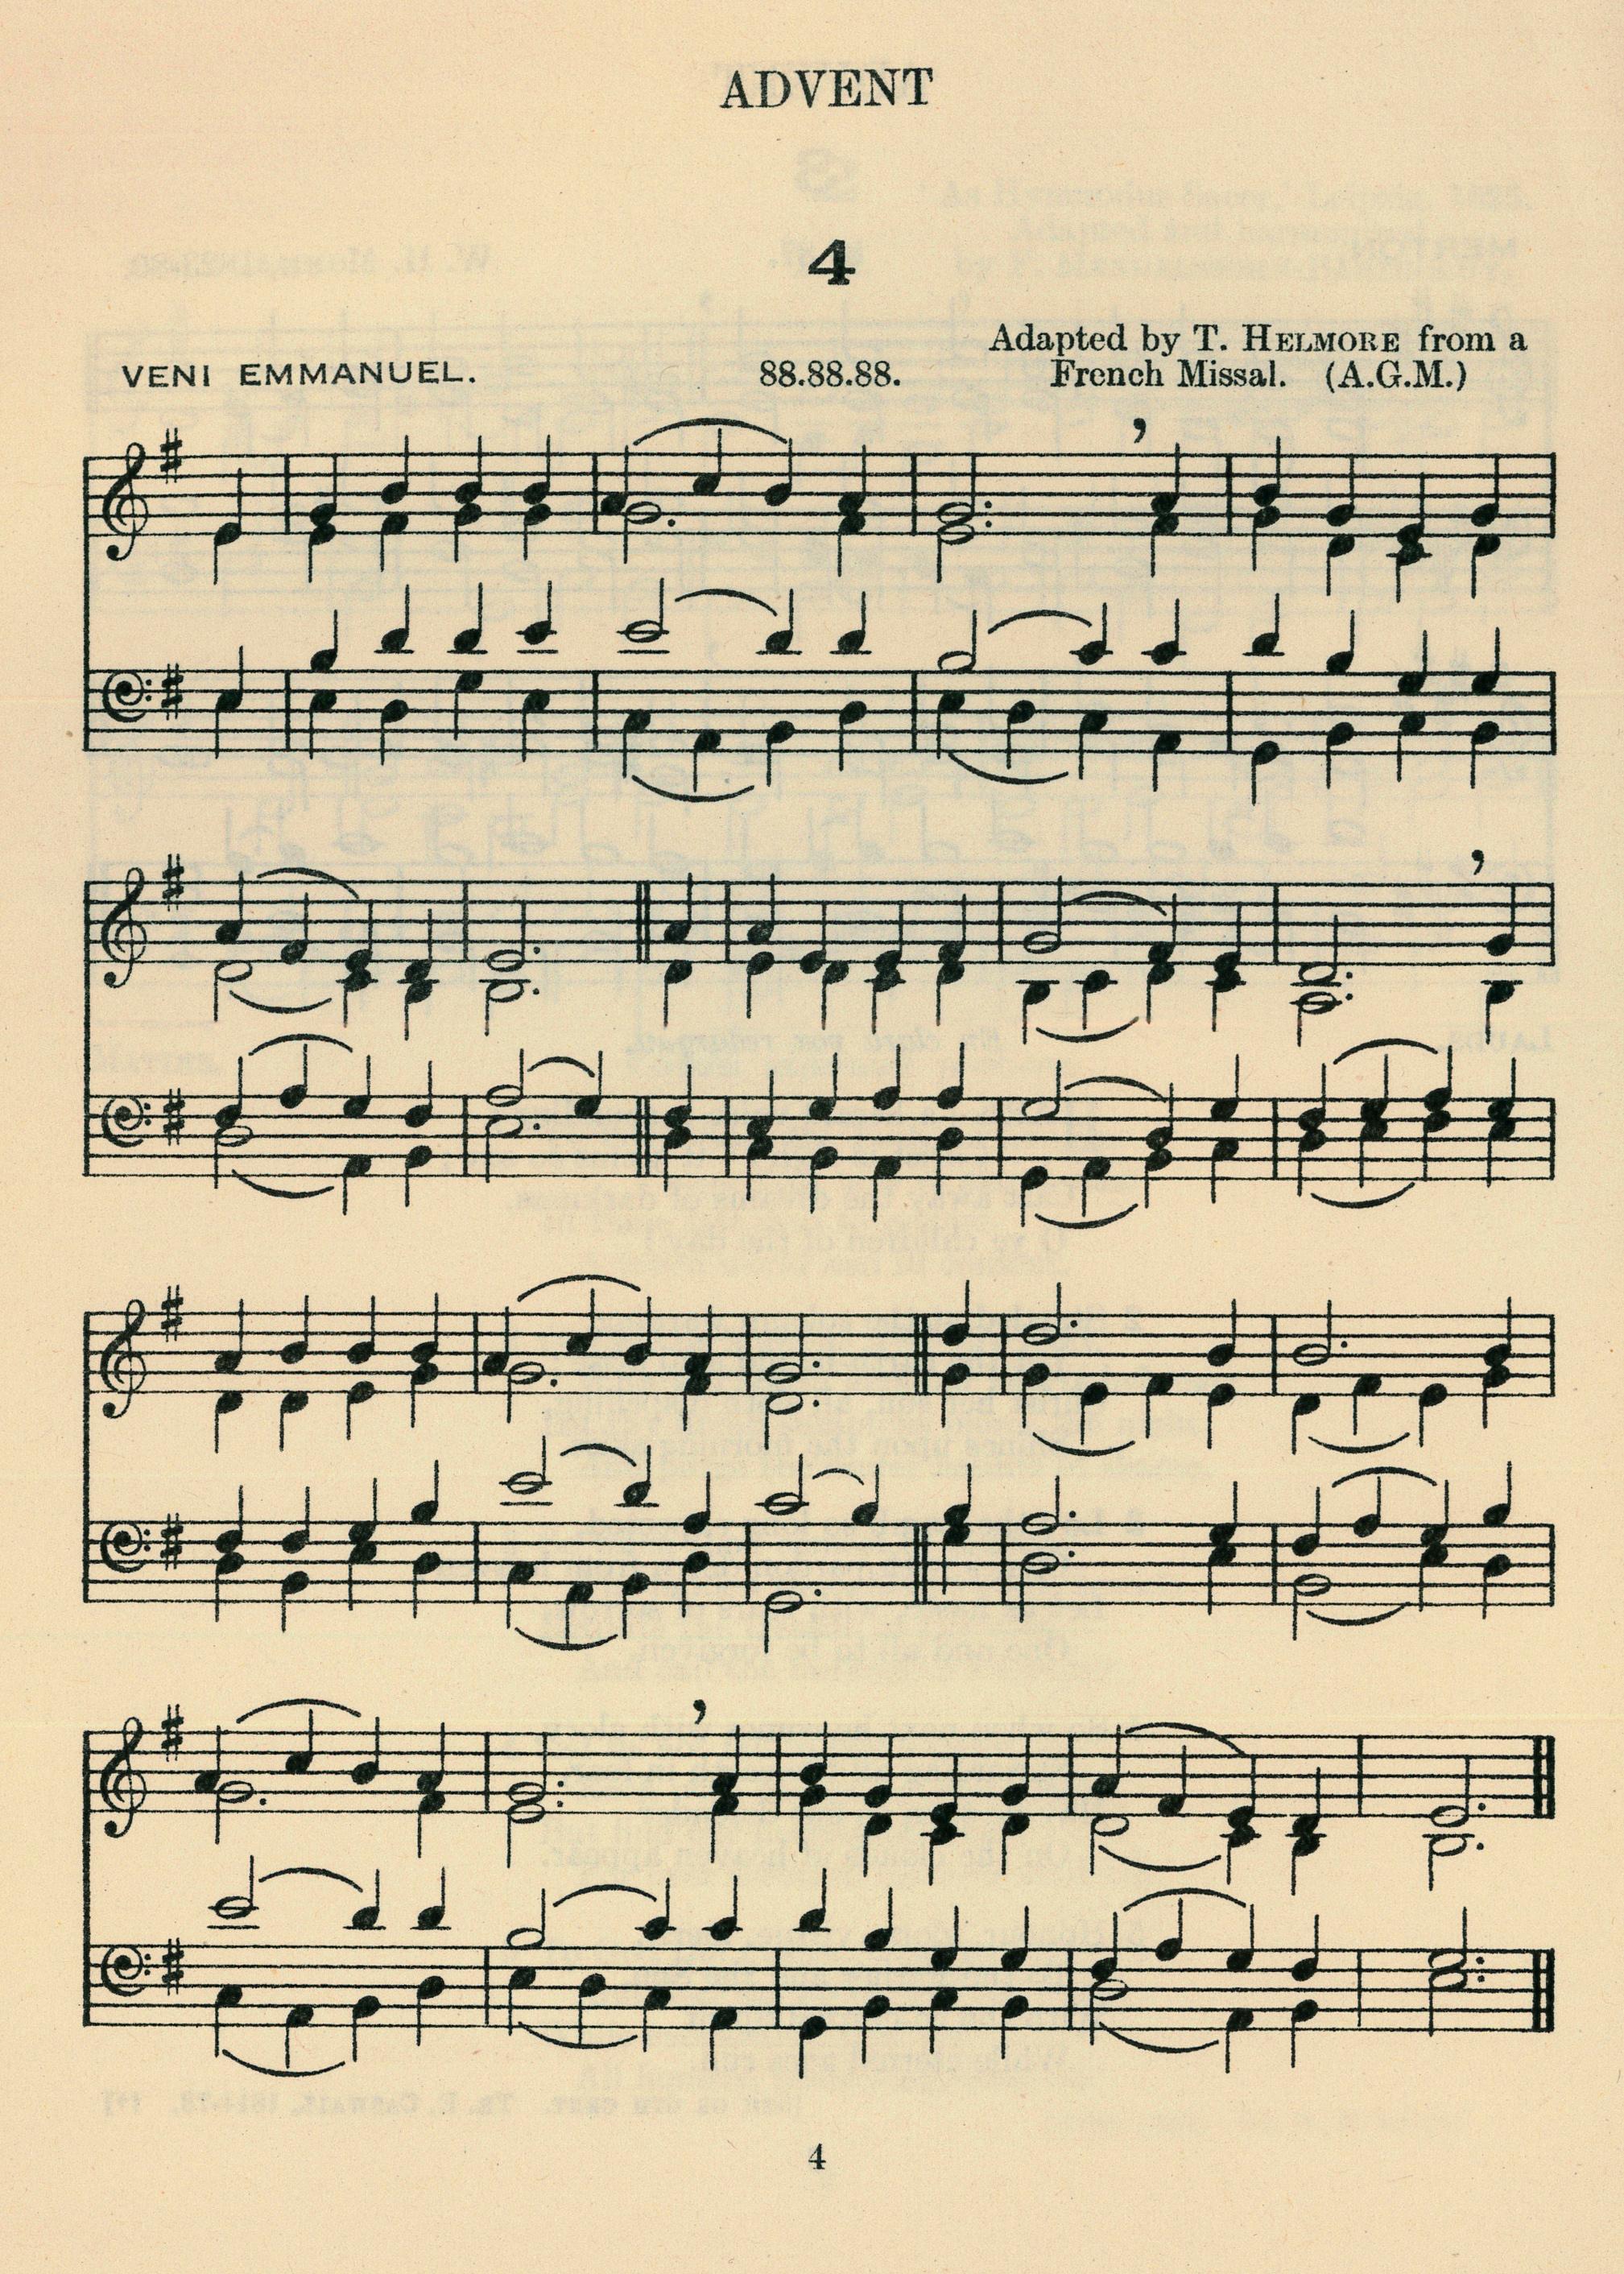 OCome-WestminsterHymnal-1939_001a.jpg